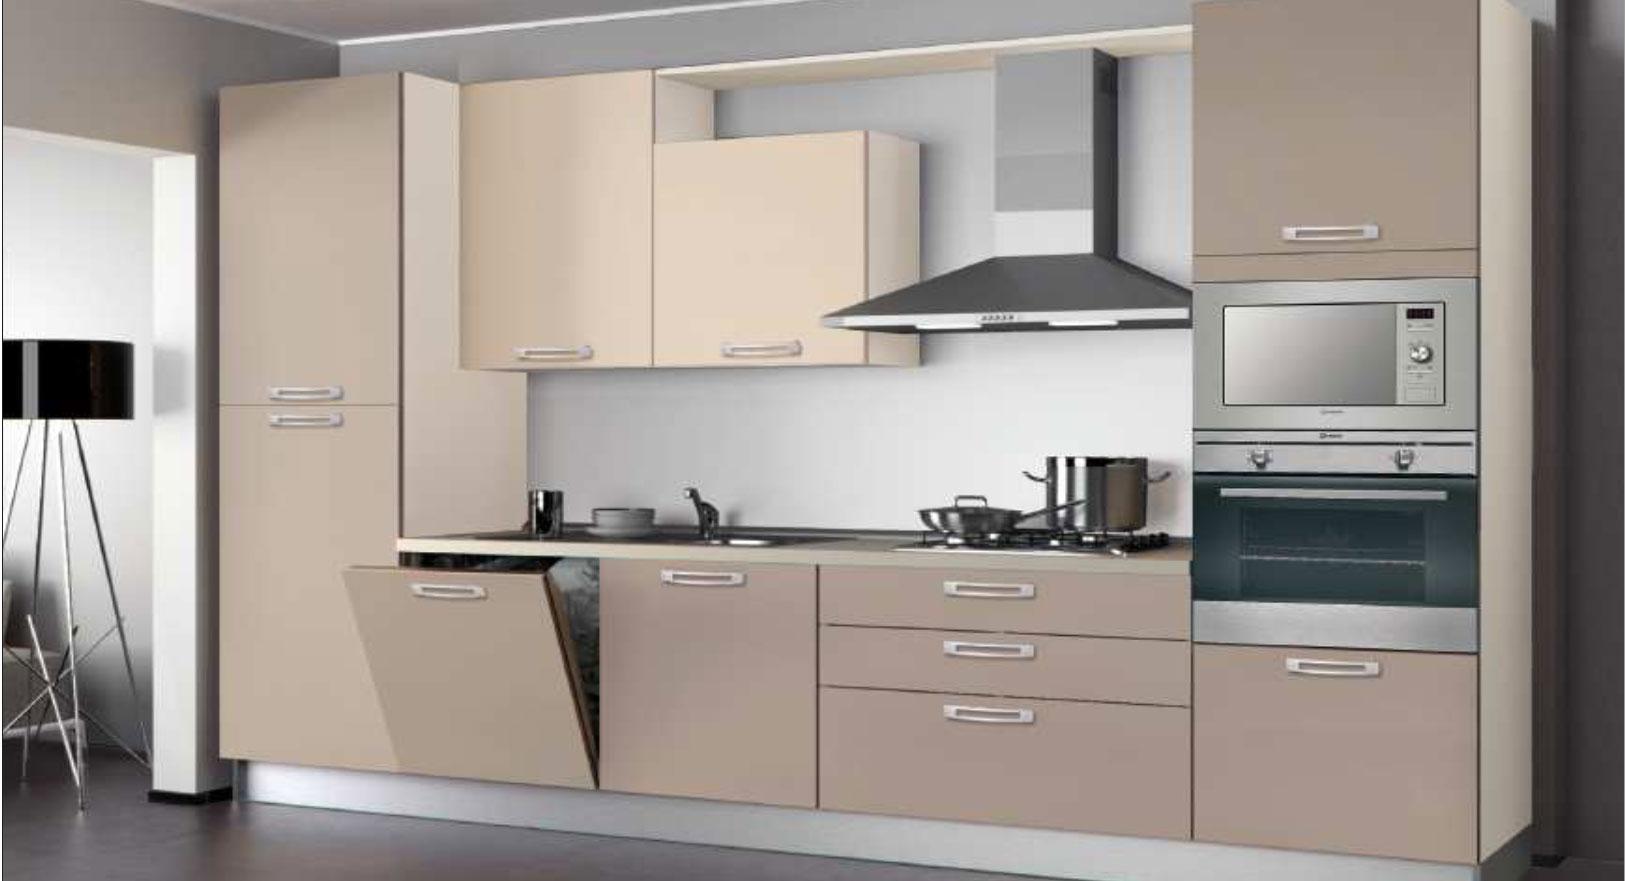 Promozione cucine creo scegli le composizioni standard - Cucina 3 metri angolare ...